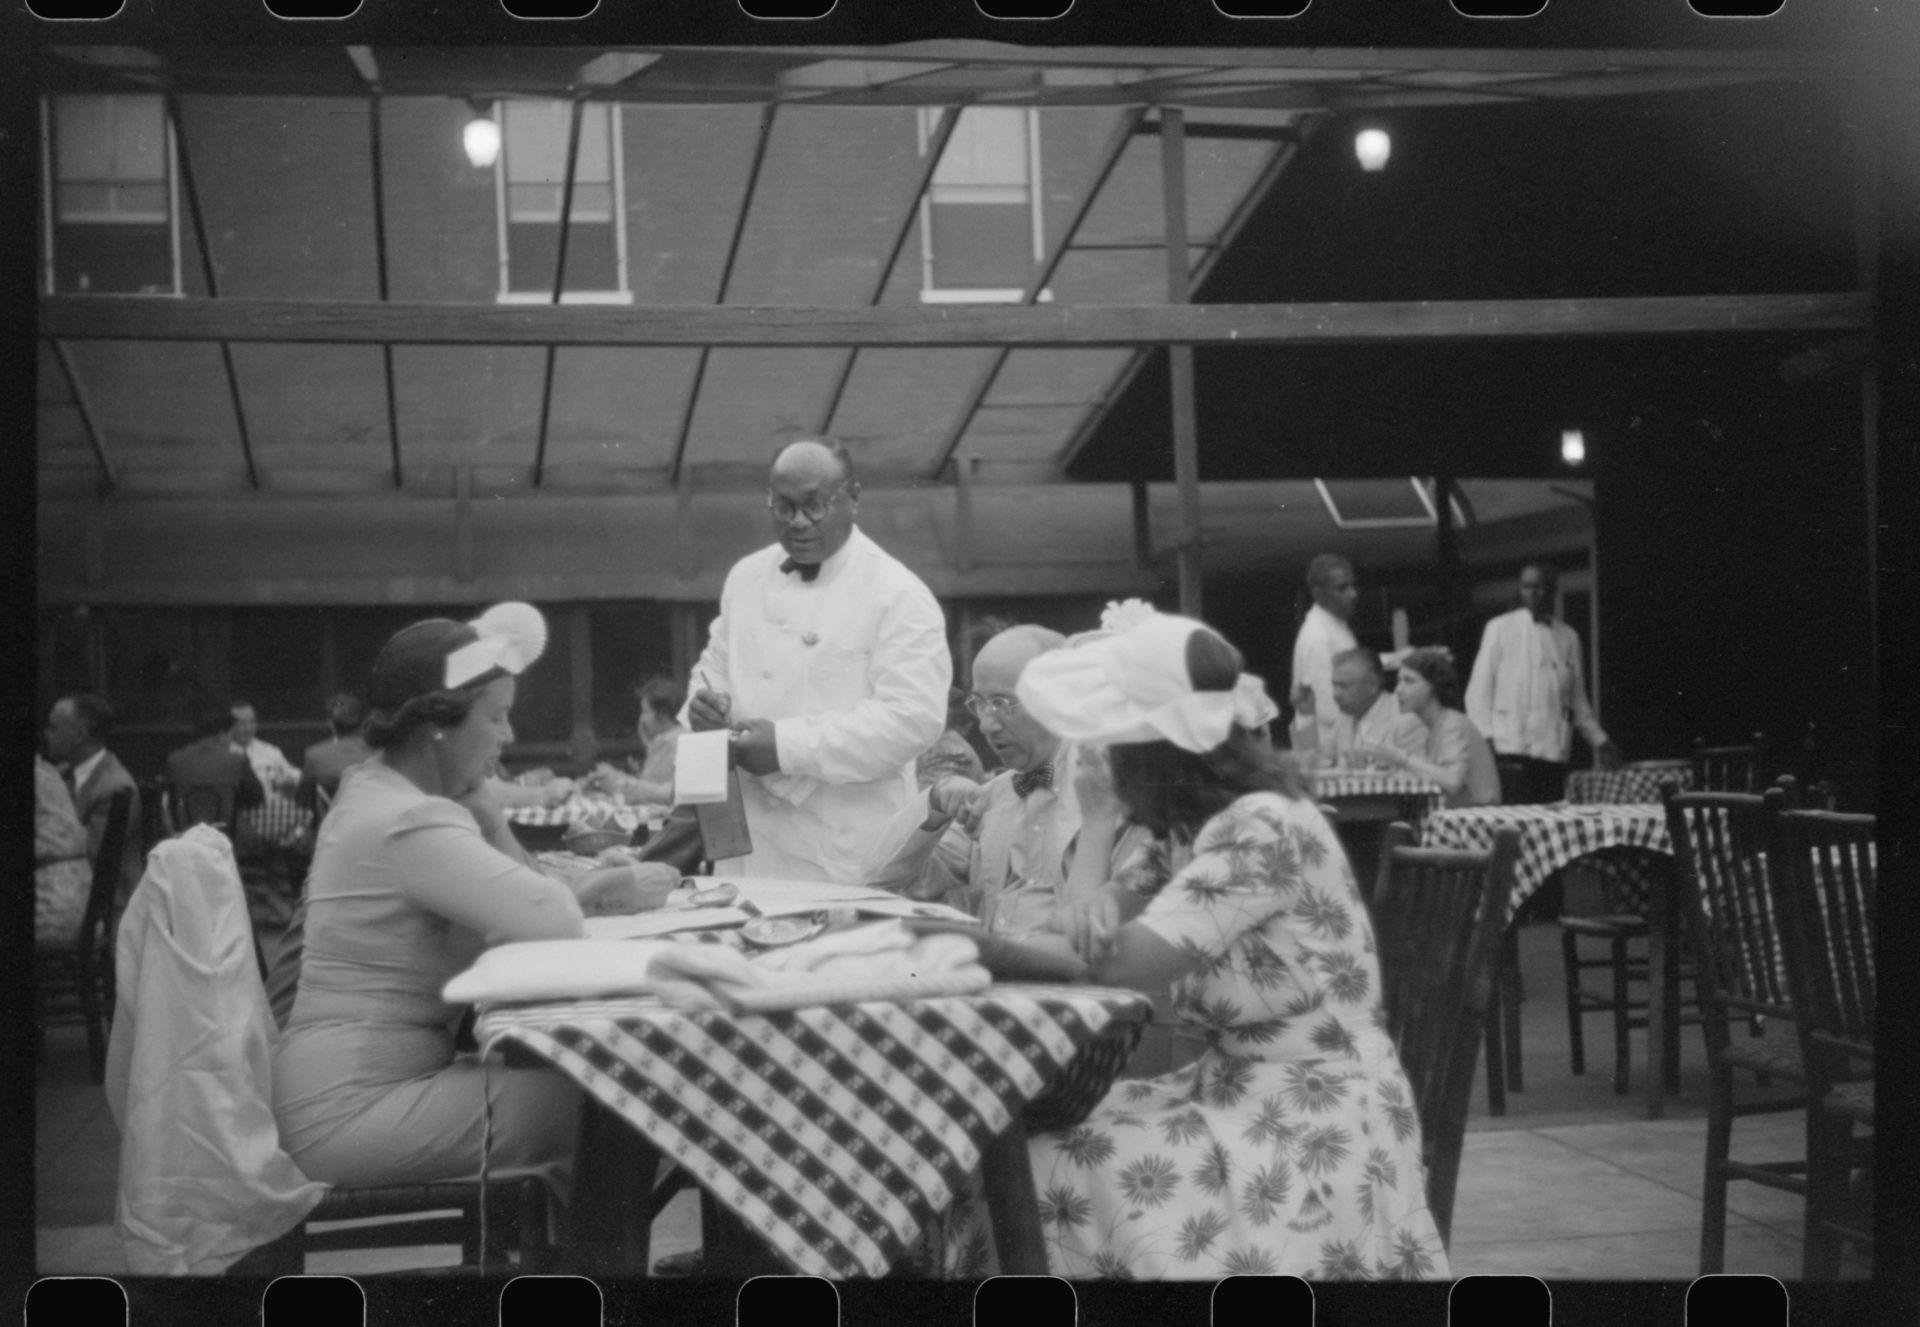 waiter_1941_jack_delano.jpg